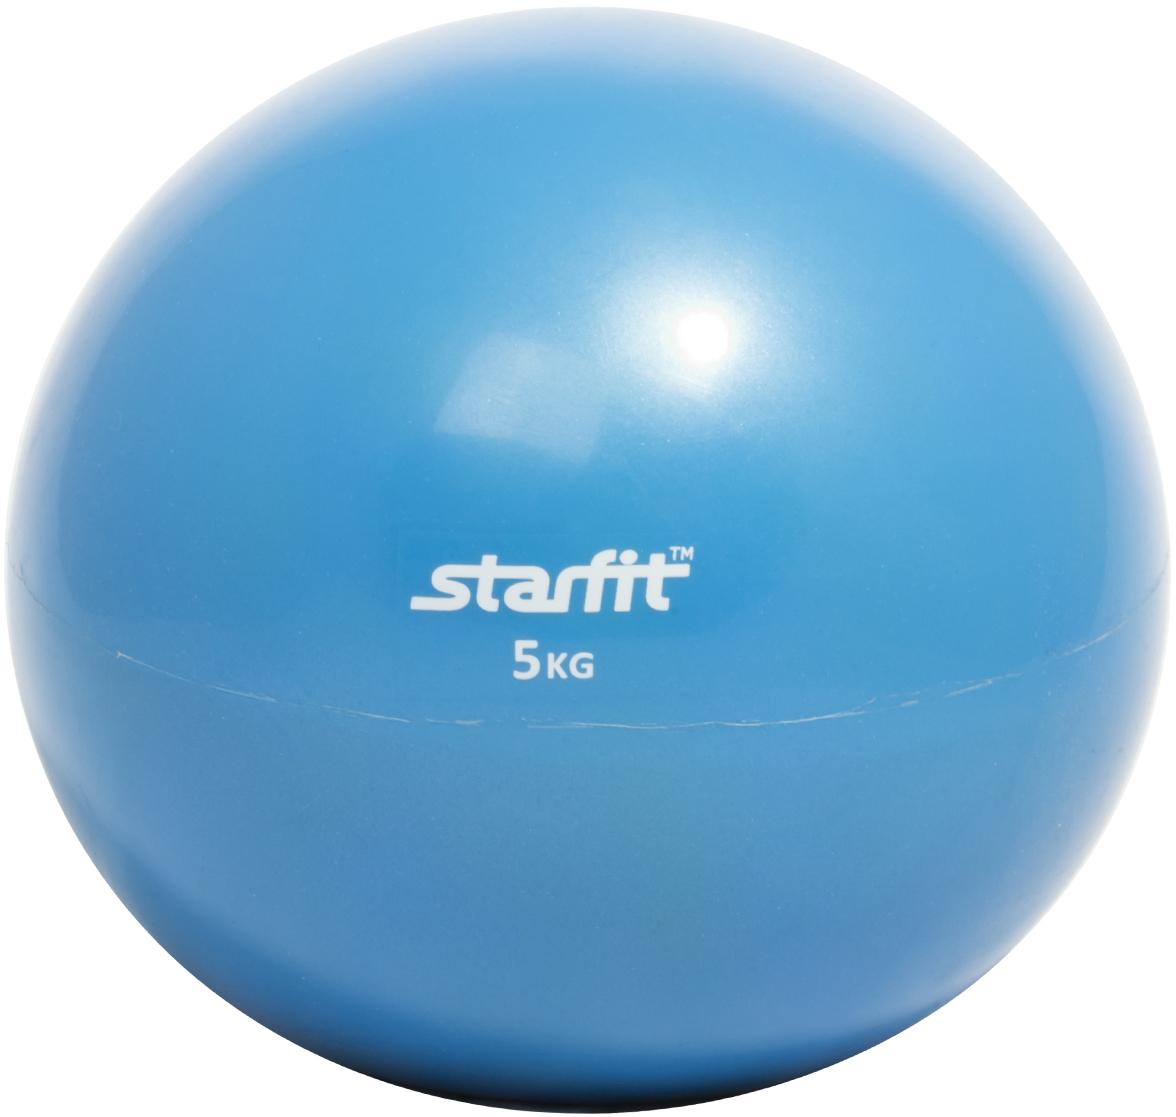 Медицинбол Starfit GB-703, цвет: синий, 5 кгУТ-00008276Медицинбол GB-703 -это качественная модель Star Fit, которую используют и профессиональные спортсмены и любители. Медицинбол Star Fit имеет яркую цветовую гамму, которая никого не оставит равнодушным.Важный аксессуар для функциональной тренировки тела. Его используют в групповых программах, функциональном тренинге, бодибилдинге, фитнесе и пилатесе. Помогает в тренировке мышц пресса, мышц рук, грудной клетки, спины, плеч, ног и ягодиц. Его применяют для разнообразия и новизны в тренировках, что позволяет с помощью него провести полноценную тренировку для всего организма. Характеристики:Материал: ПВХНаполнитель: песокВес, кг: 5Цвет: синийКоличество в упаковке, шт: 1Производство: КНРЙога: все, что нужно начинающим и опытным практикам. Статья OZON Гид